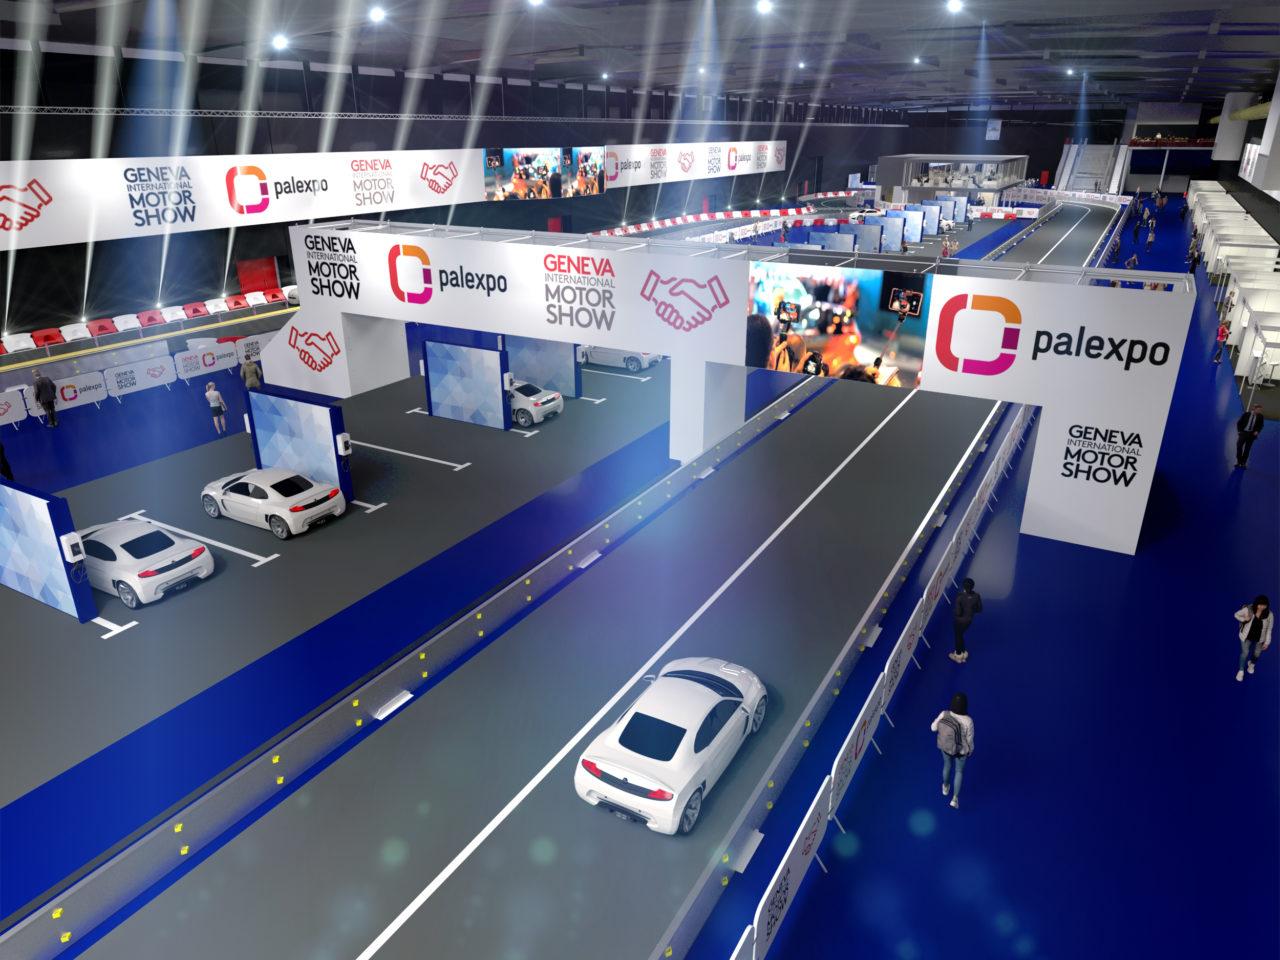 Salone di Ginevra 2020: Turrettini vuole che rimanga l'unico Salone europeo